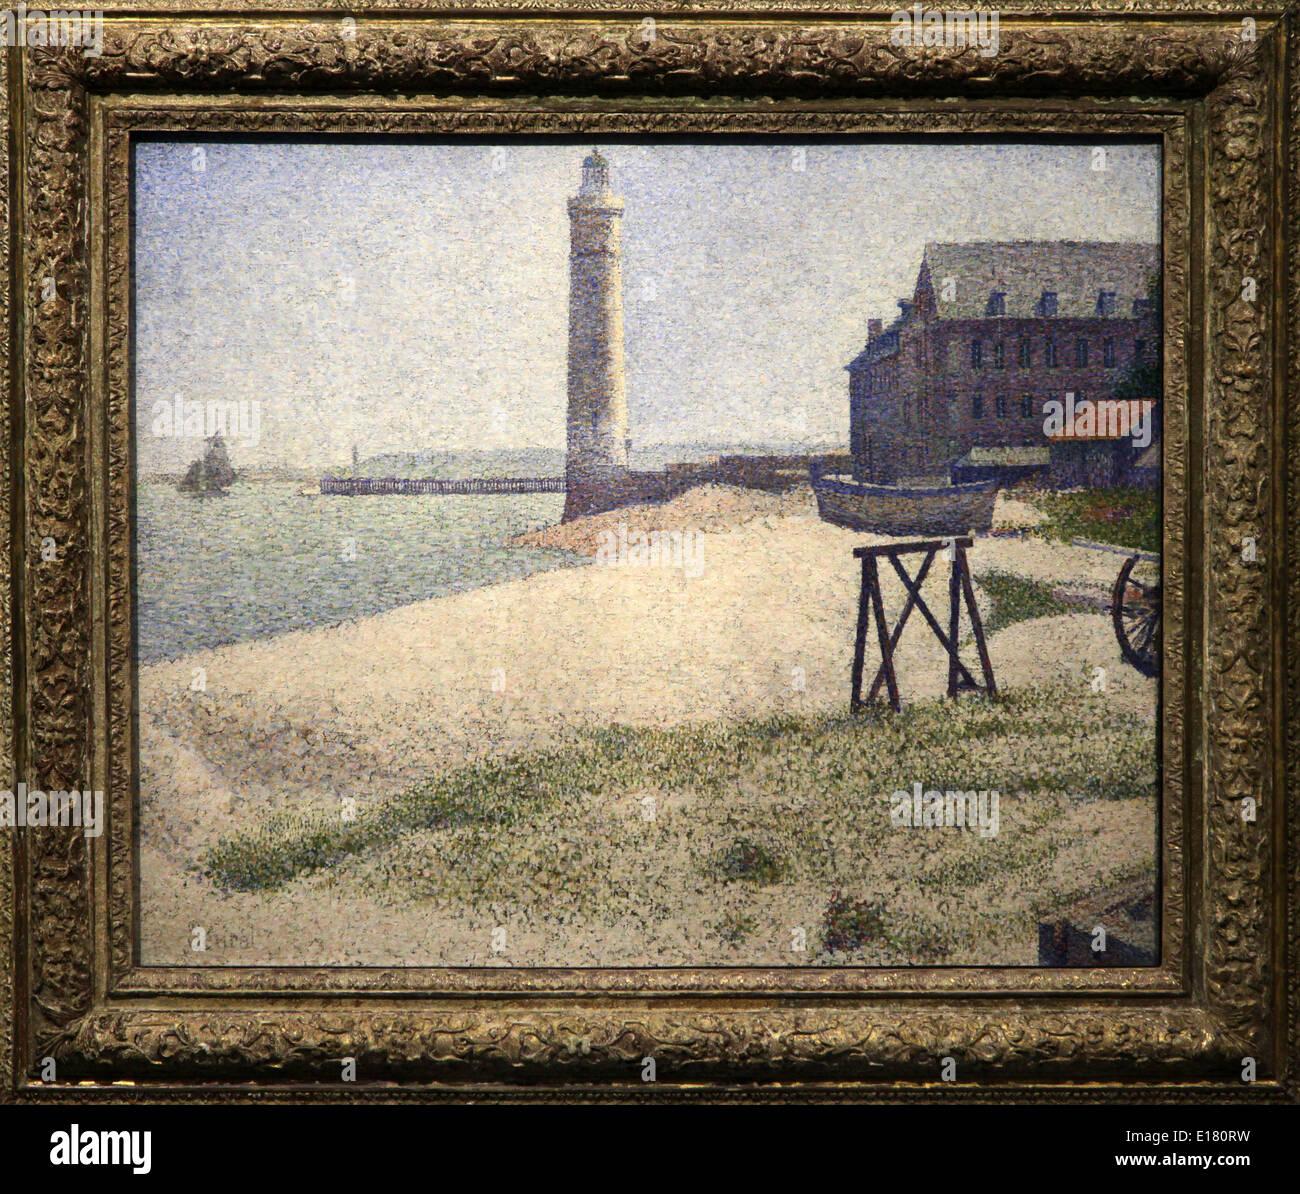 Georges-Pierre Seurat 1859-1891 war die französische Post-Impressionisten Maler und Zeichner. Stockbild